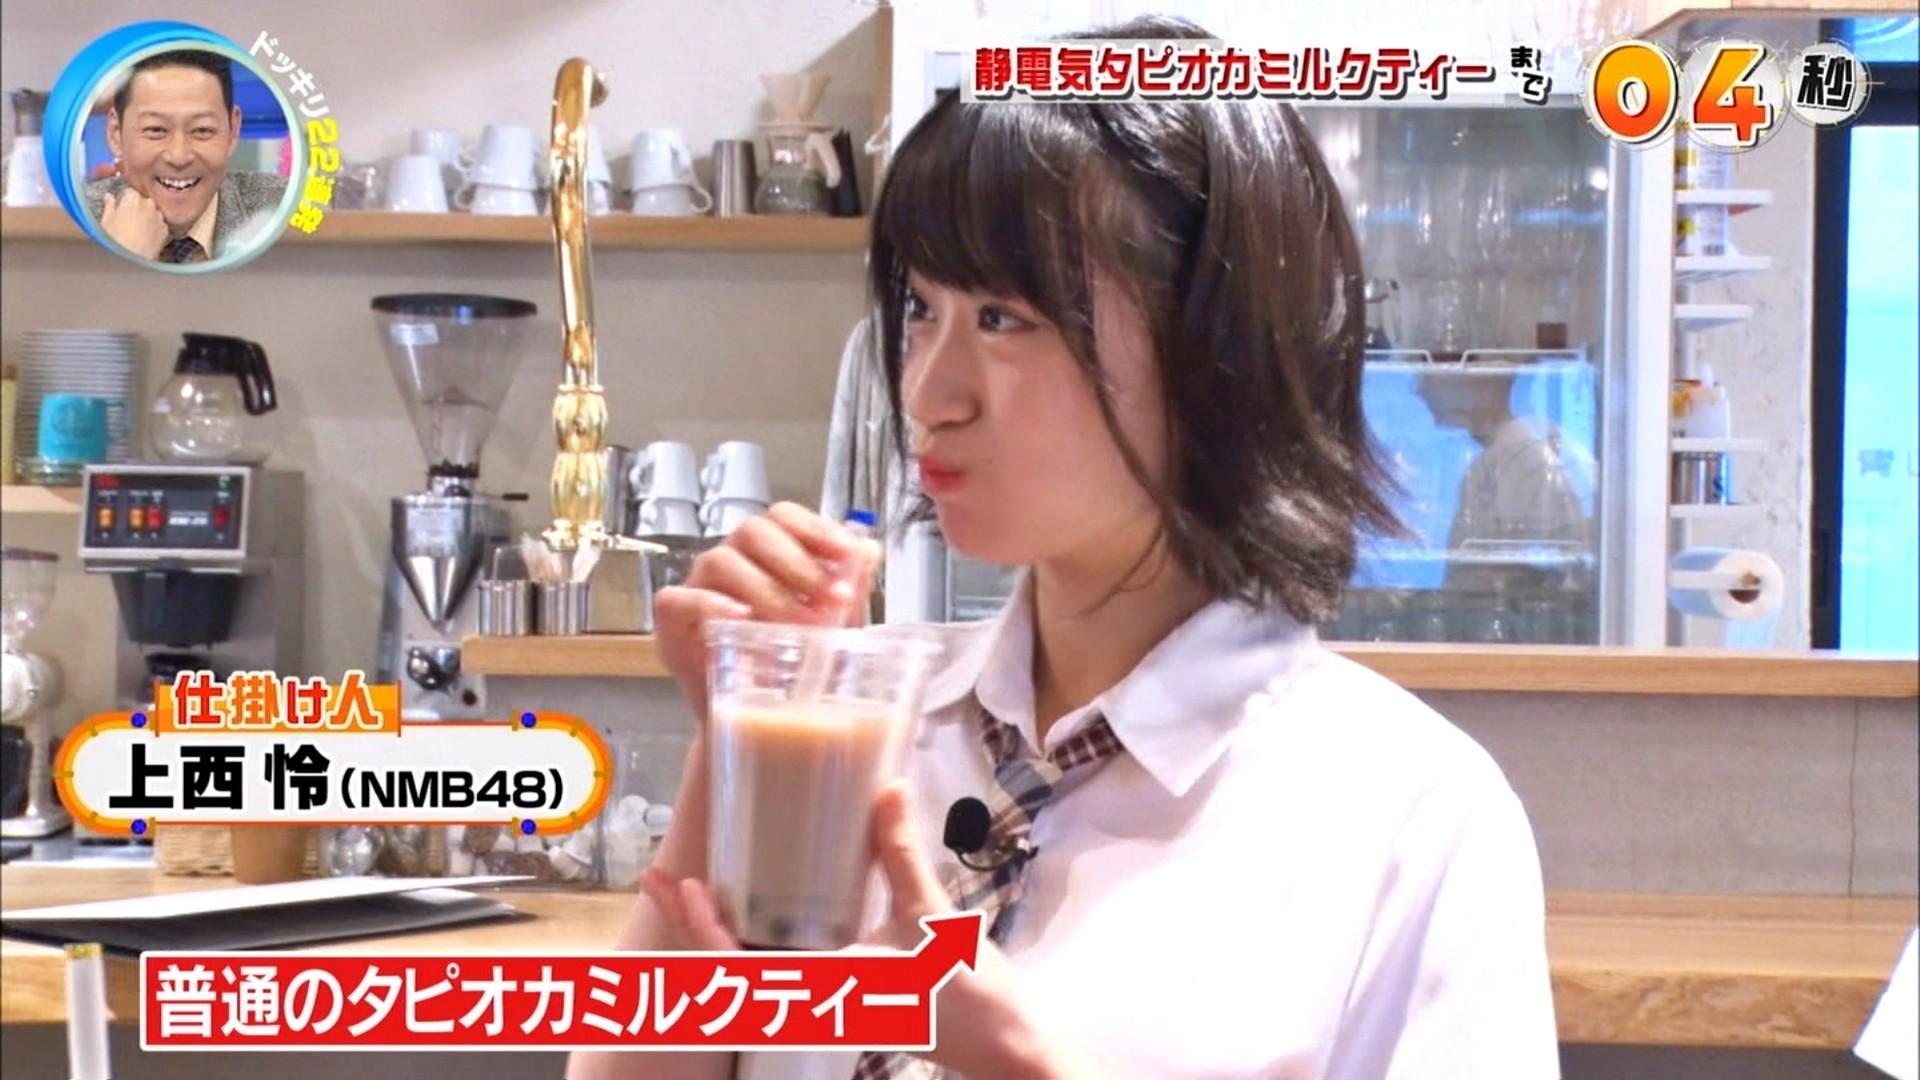 2019年11月30日にフジテレビ系列でほうそうされた「芸能人が本気で考えた!ドッキリGP」に出演したNMB48上西怜・大田莉央奈の画像-005